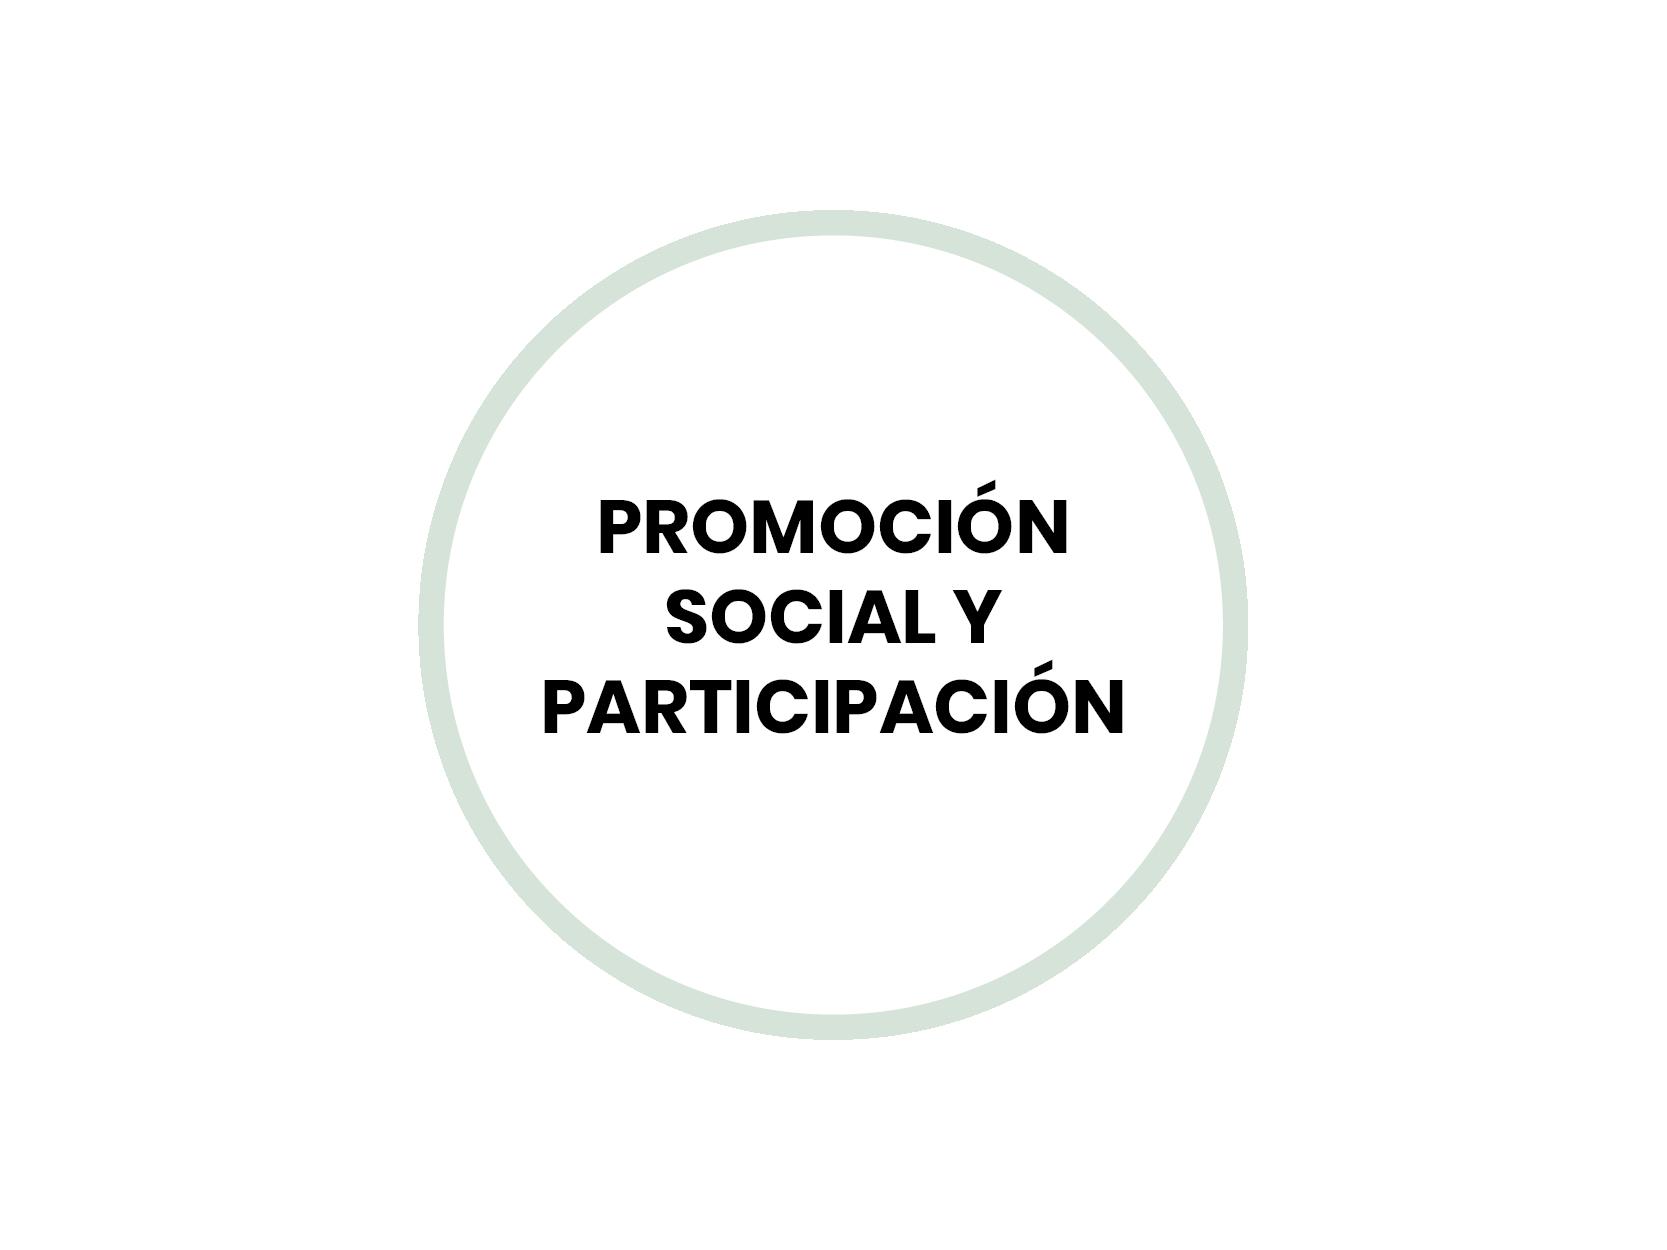 Promoción social y participación